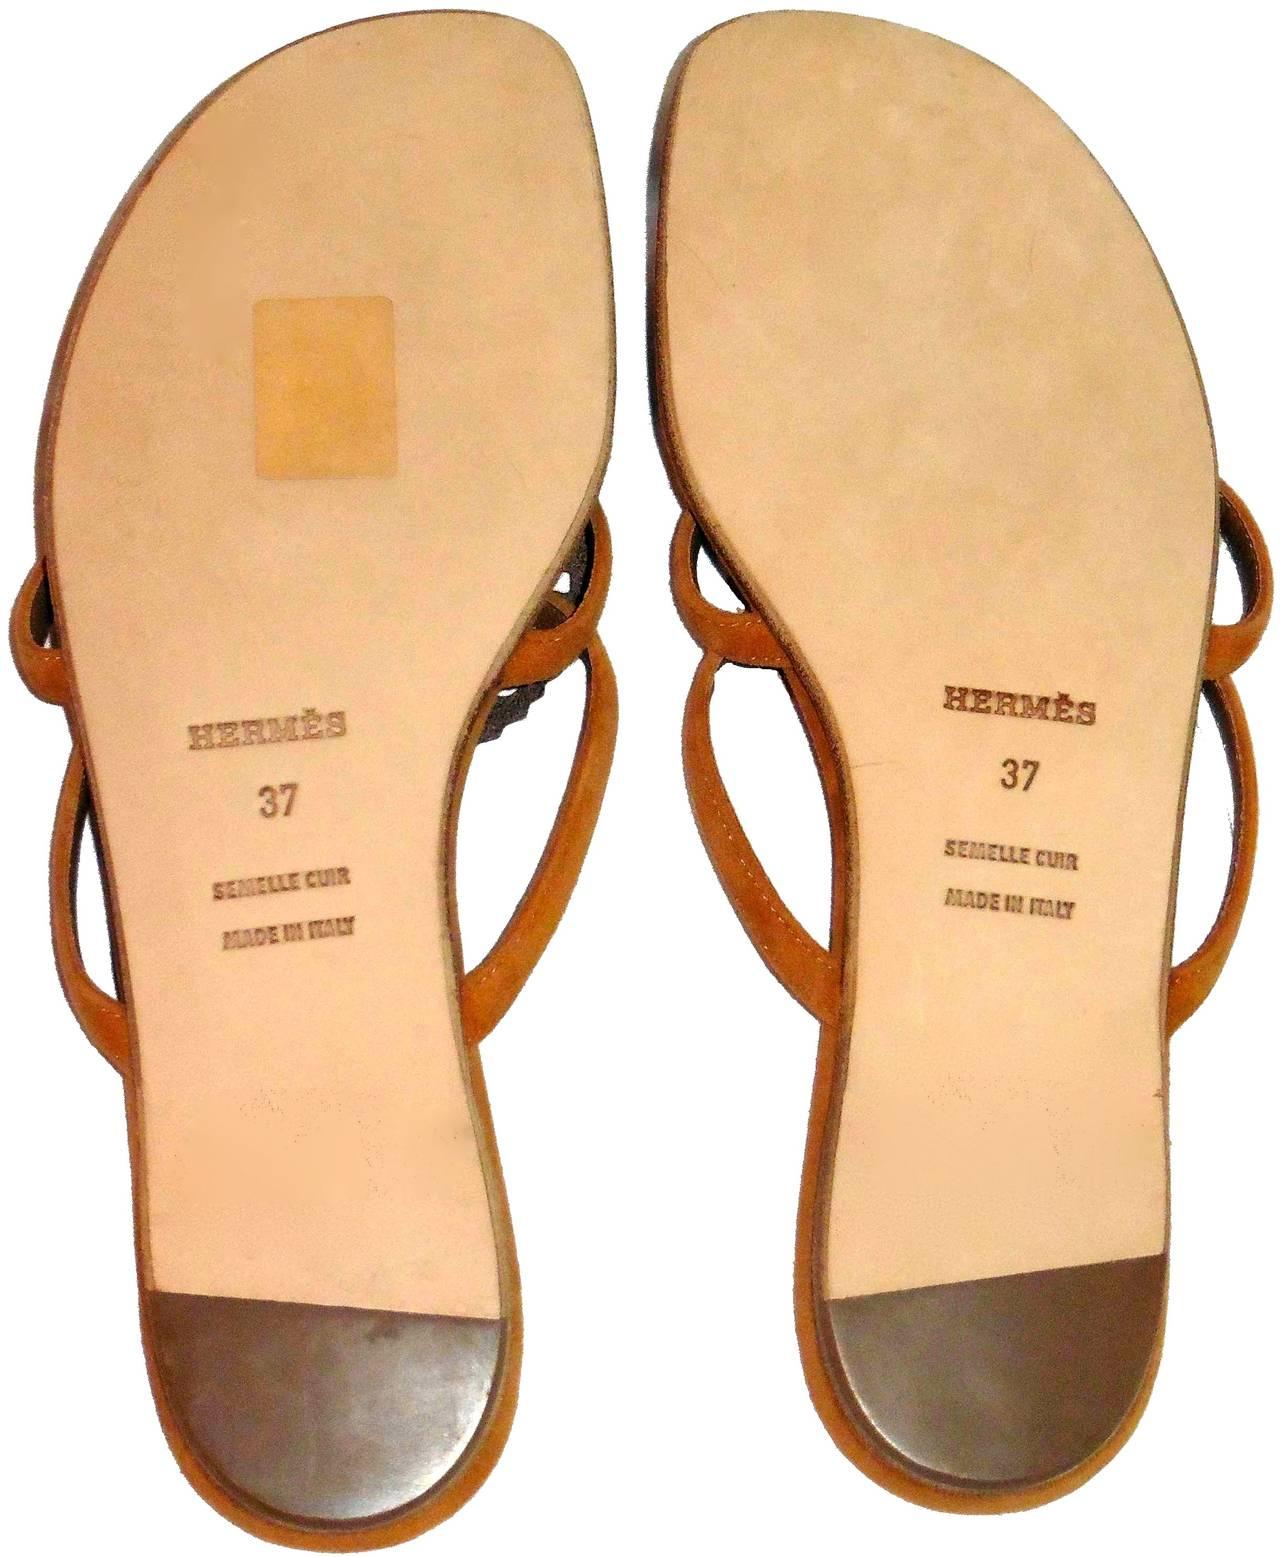 New HERMES  Sandals/Shoes - Beige Tan - Size 37  Nautilus 5